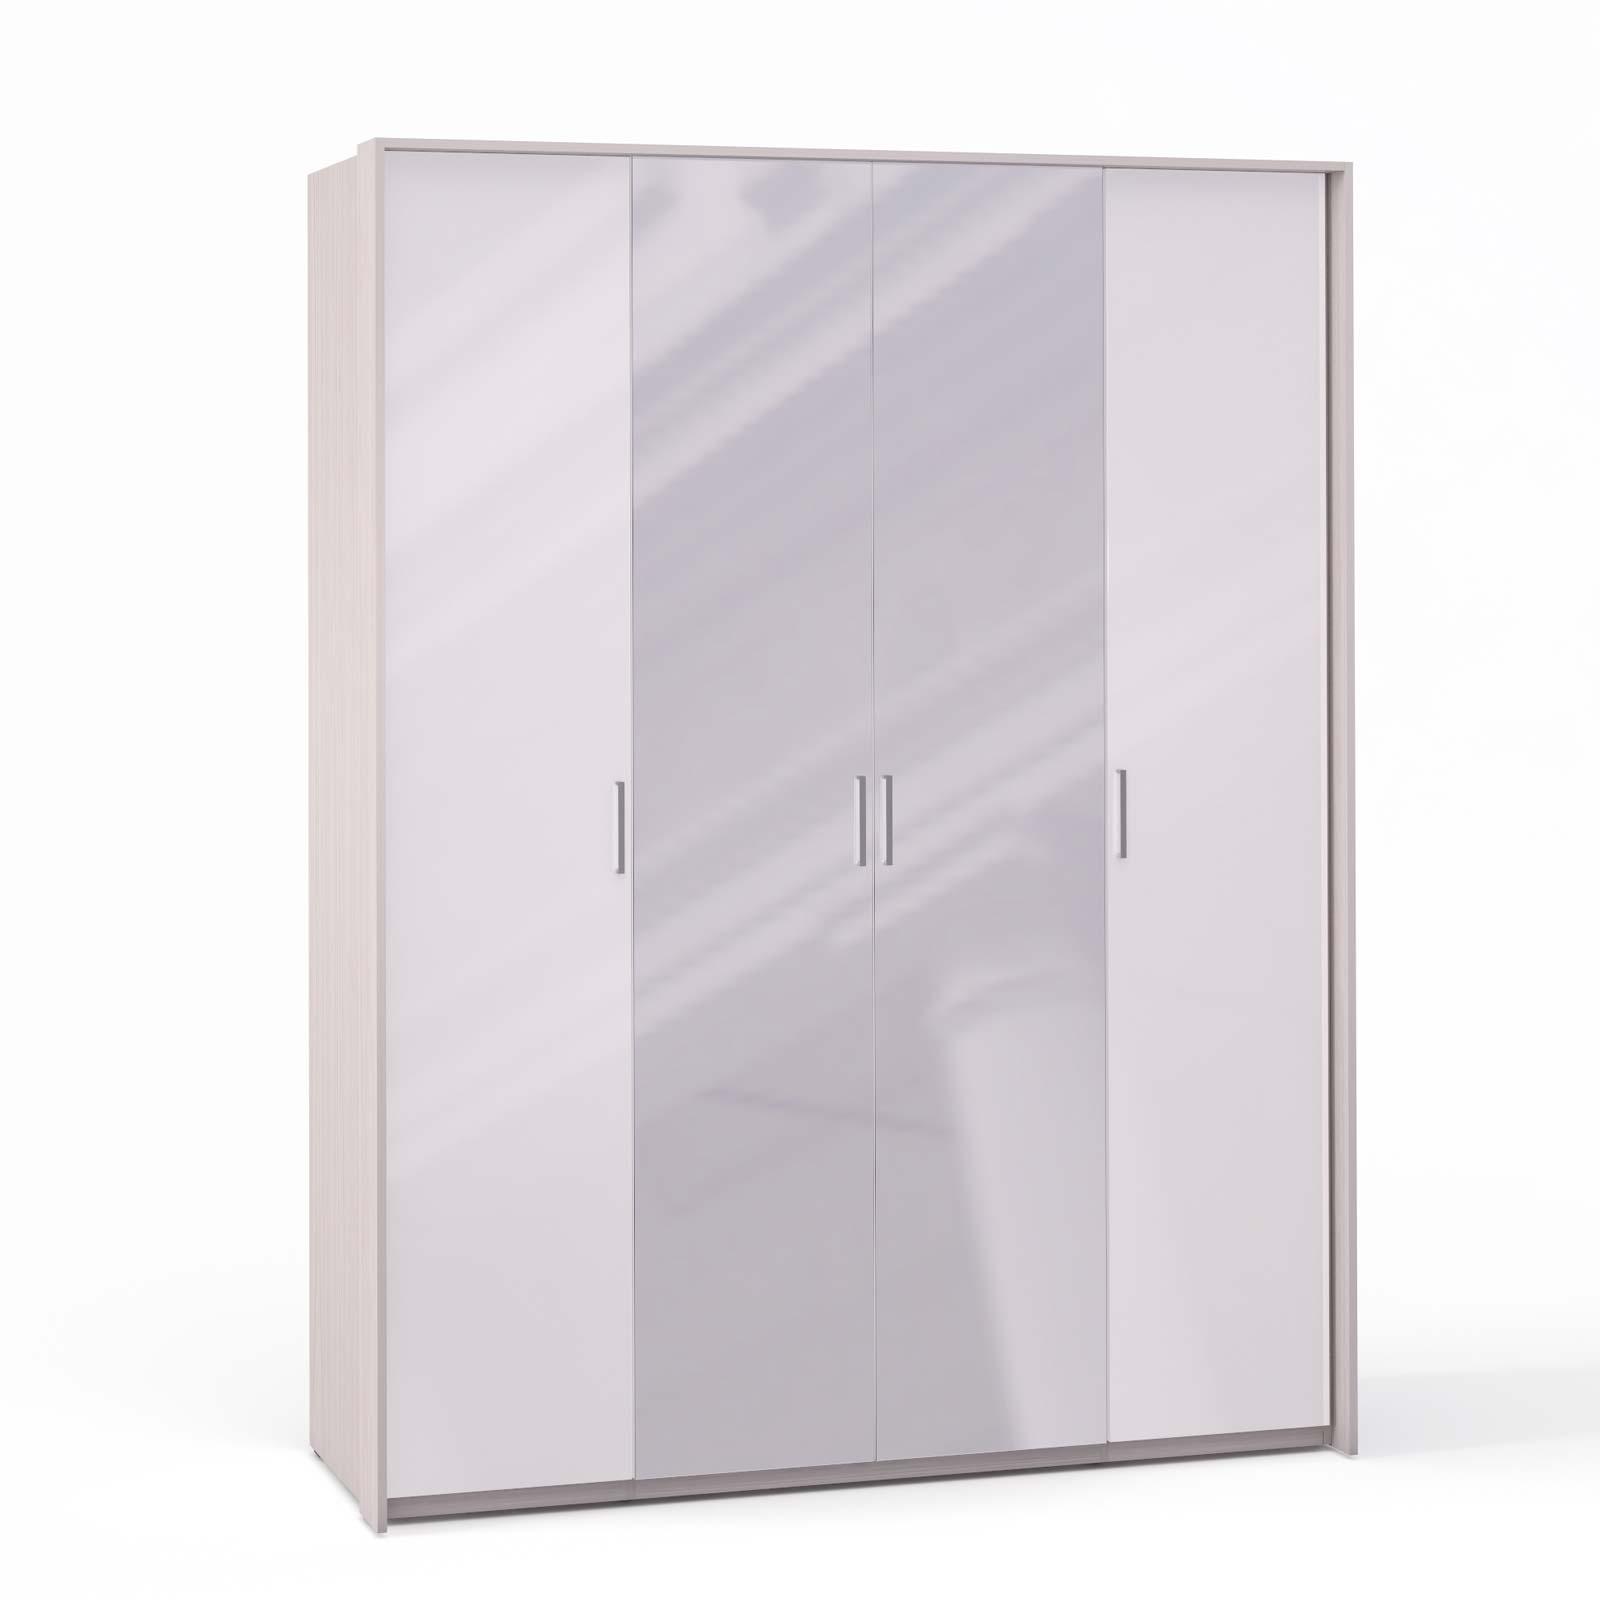 Спальня Rimini Ice Шкаф 4 дв. (1+2+1) с зерк. паспарту - 5495